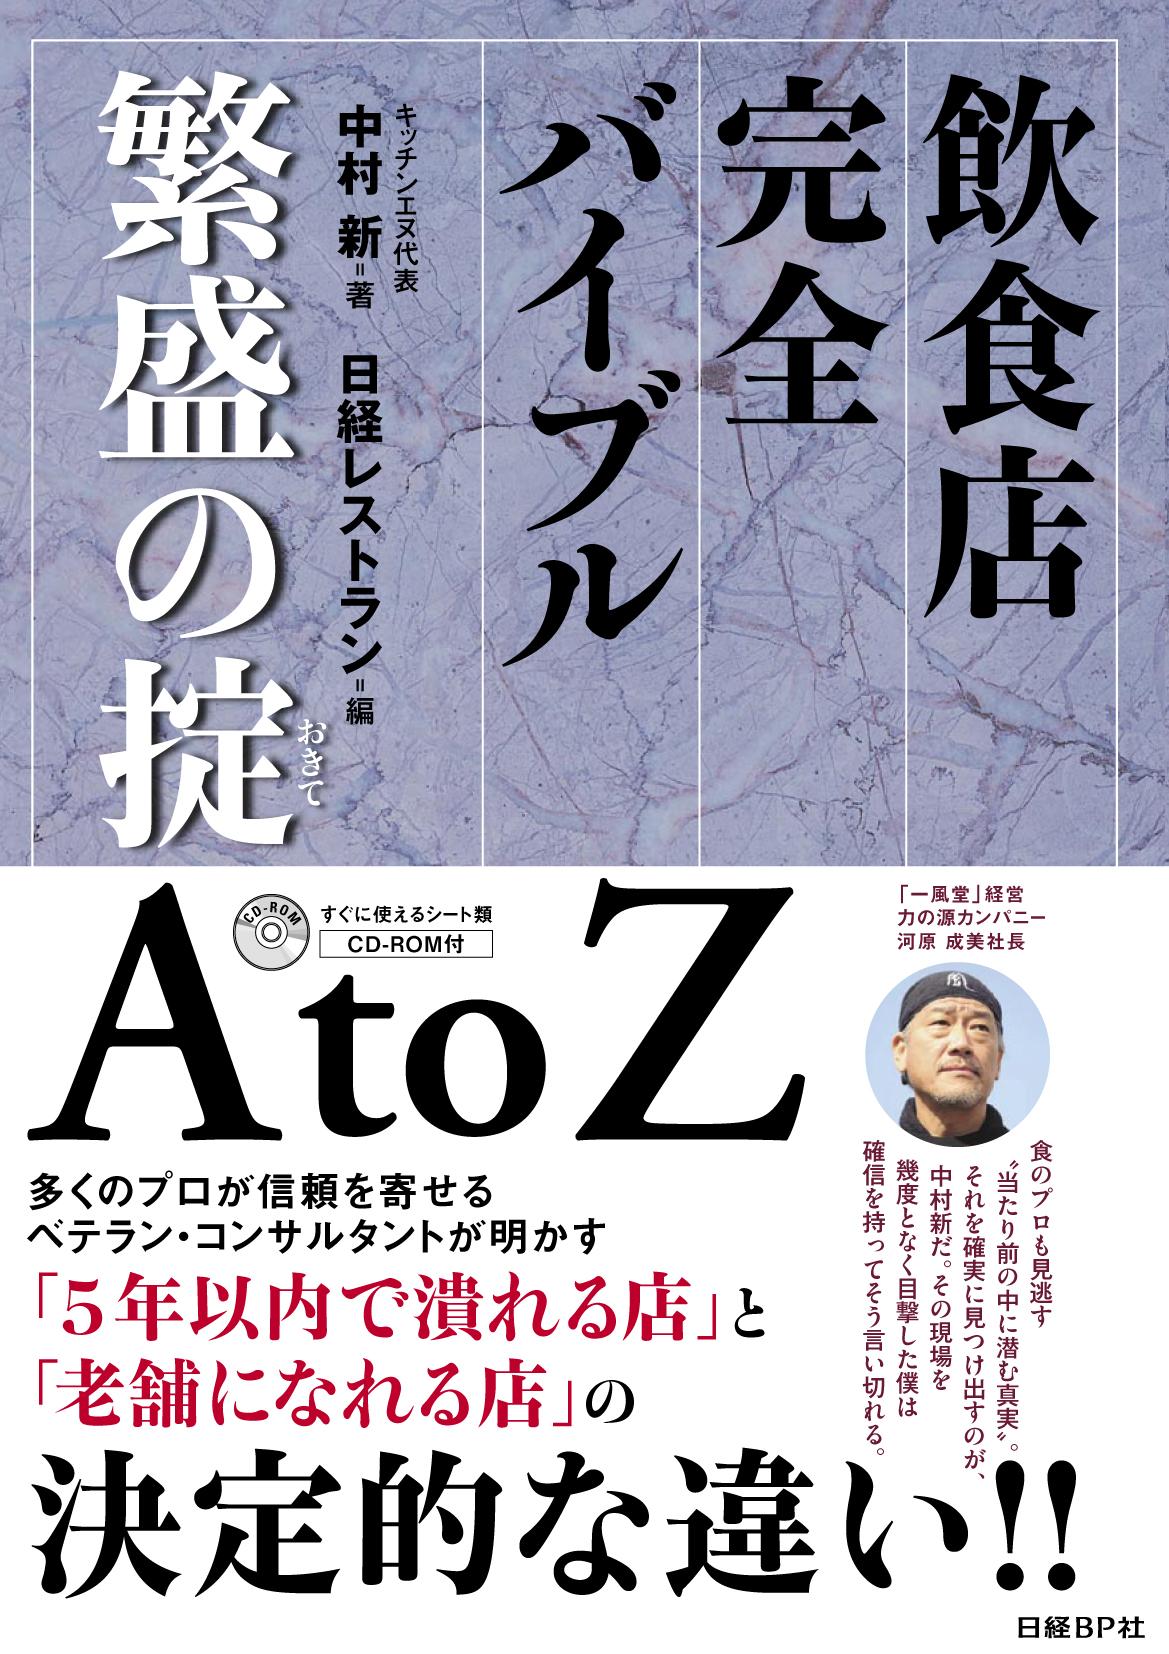 繁盛の掟 AtoZ